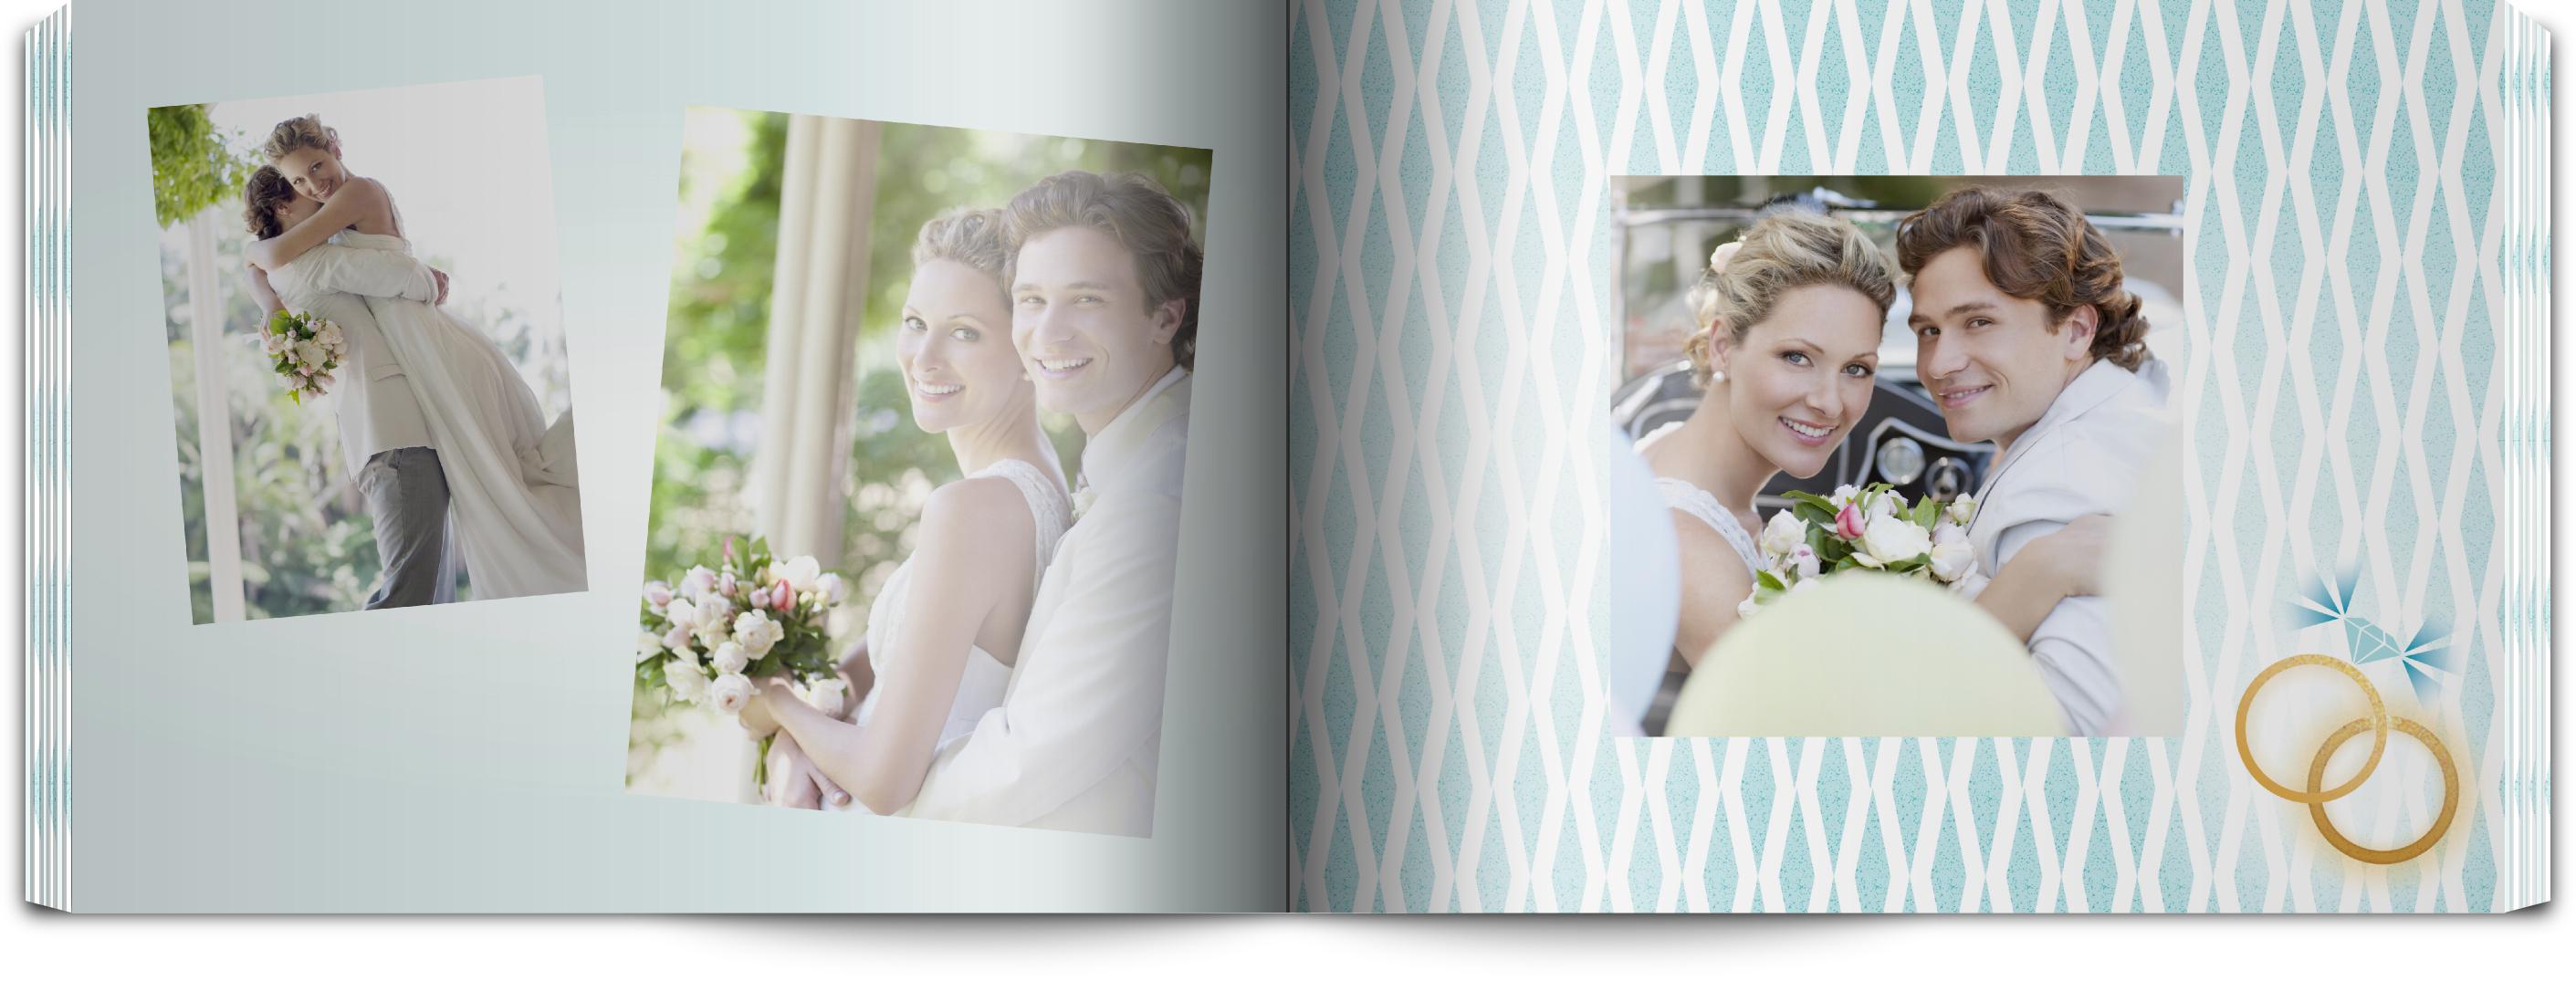 Wedding Photo Books Wedding Photo Albums Asda Photo